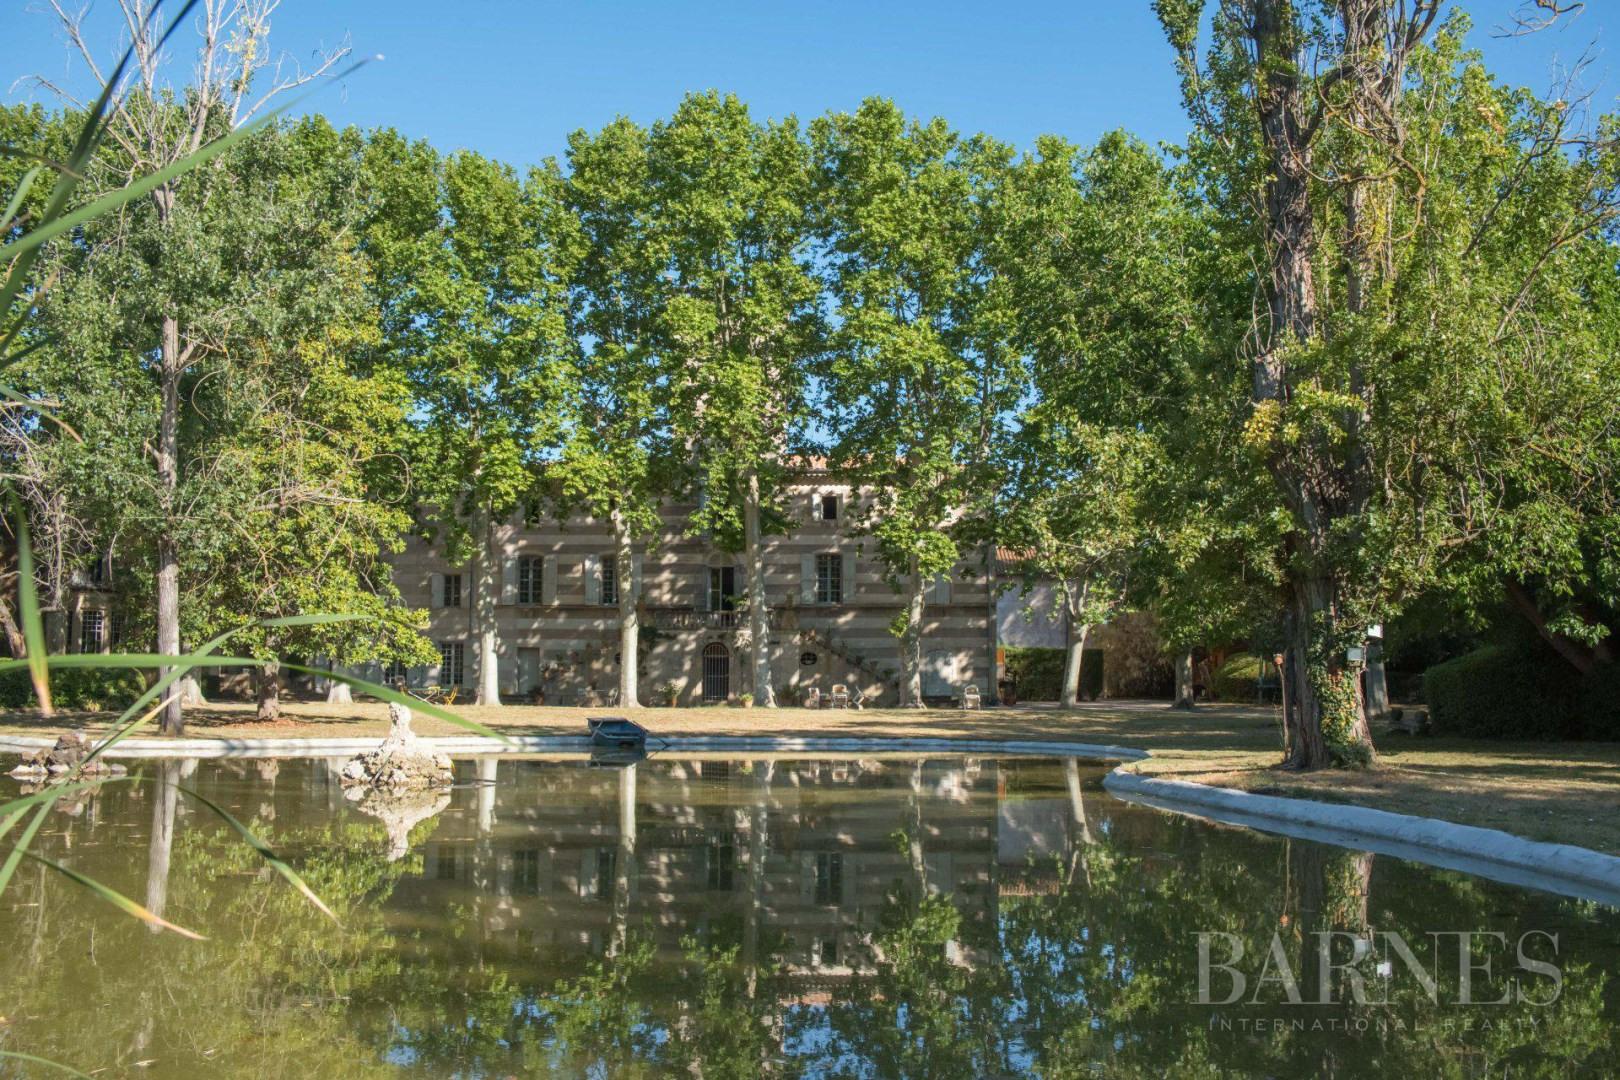 Maison / Villa À Vendre À Pézenas | 820 000 € | 12 Pièces ... tout Piscine Pezenas